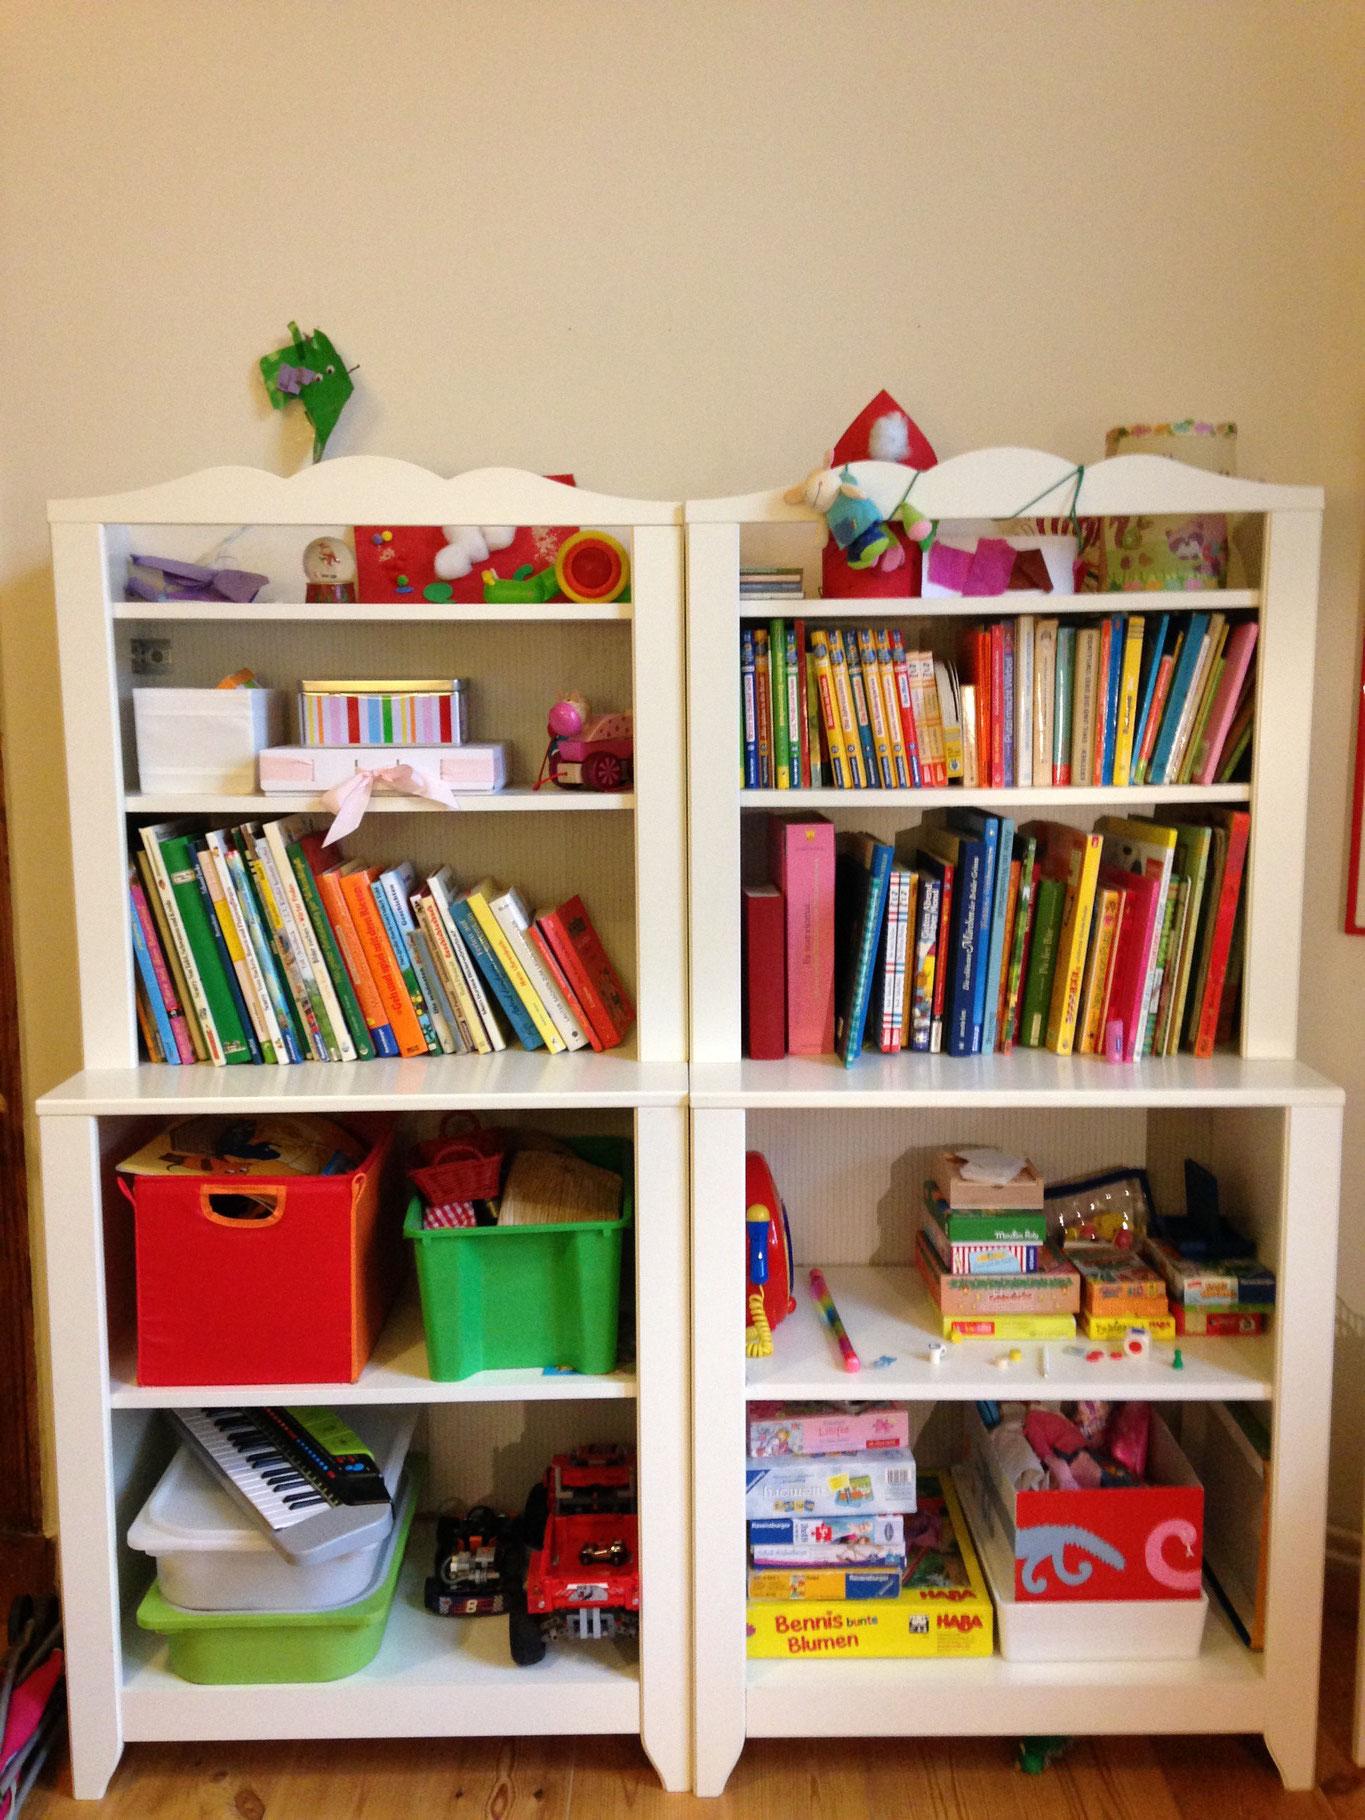 Gemütlich Ordentliches Kinderzimmer Fotos Die Designideen für